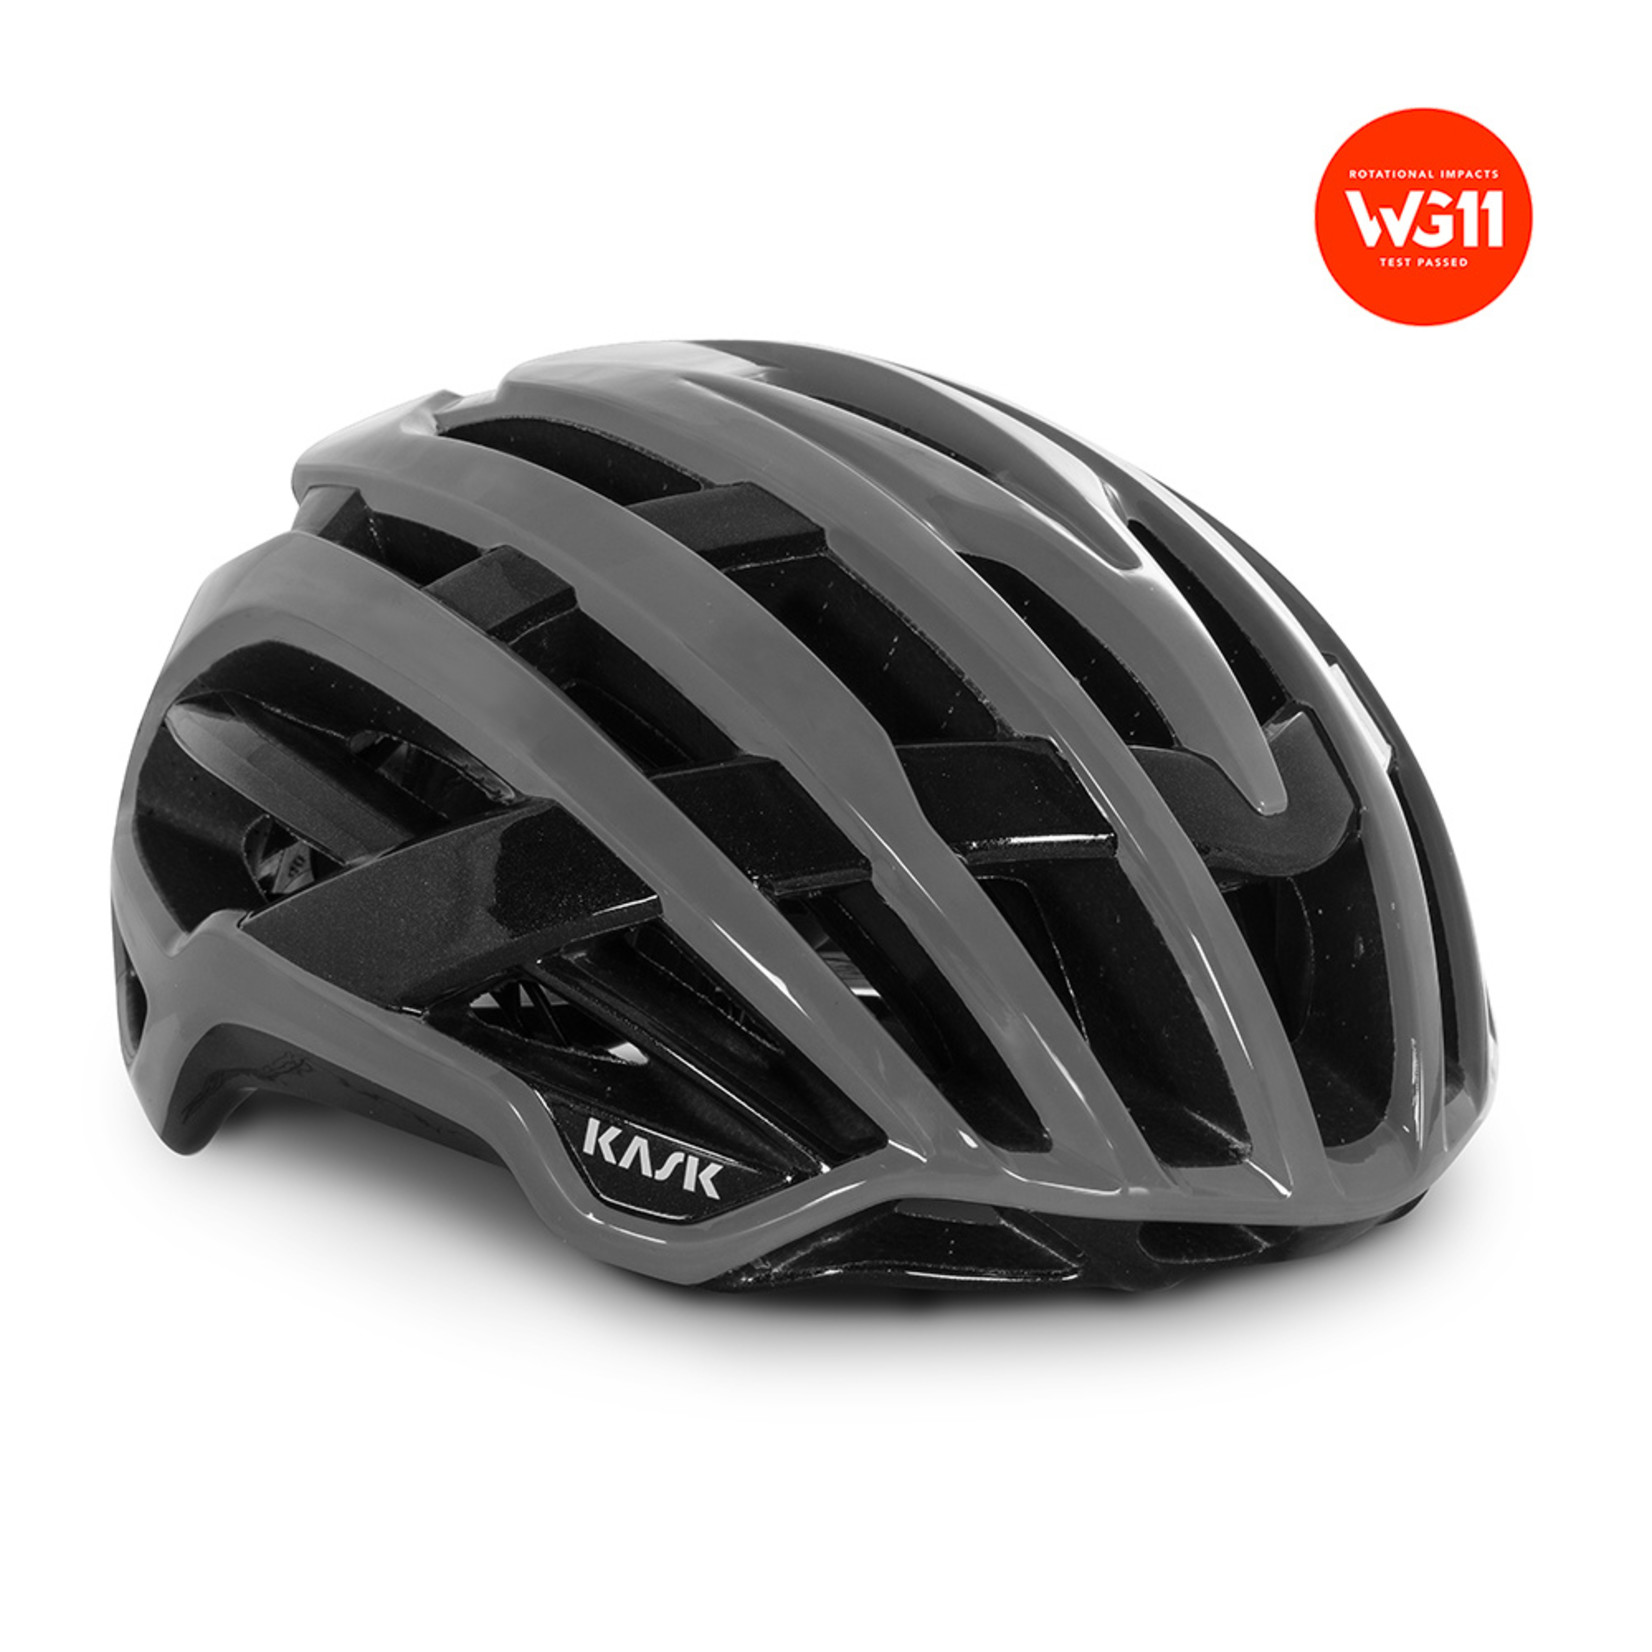 Kask Kask, Helmet Valegro WG11